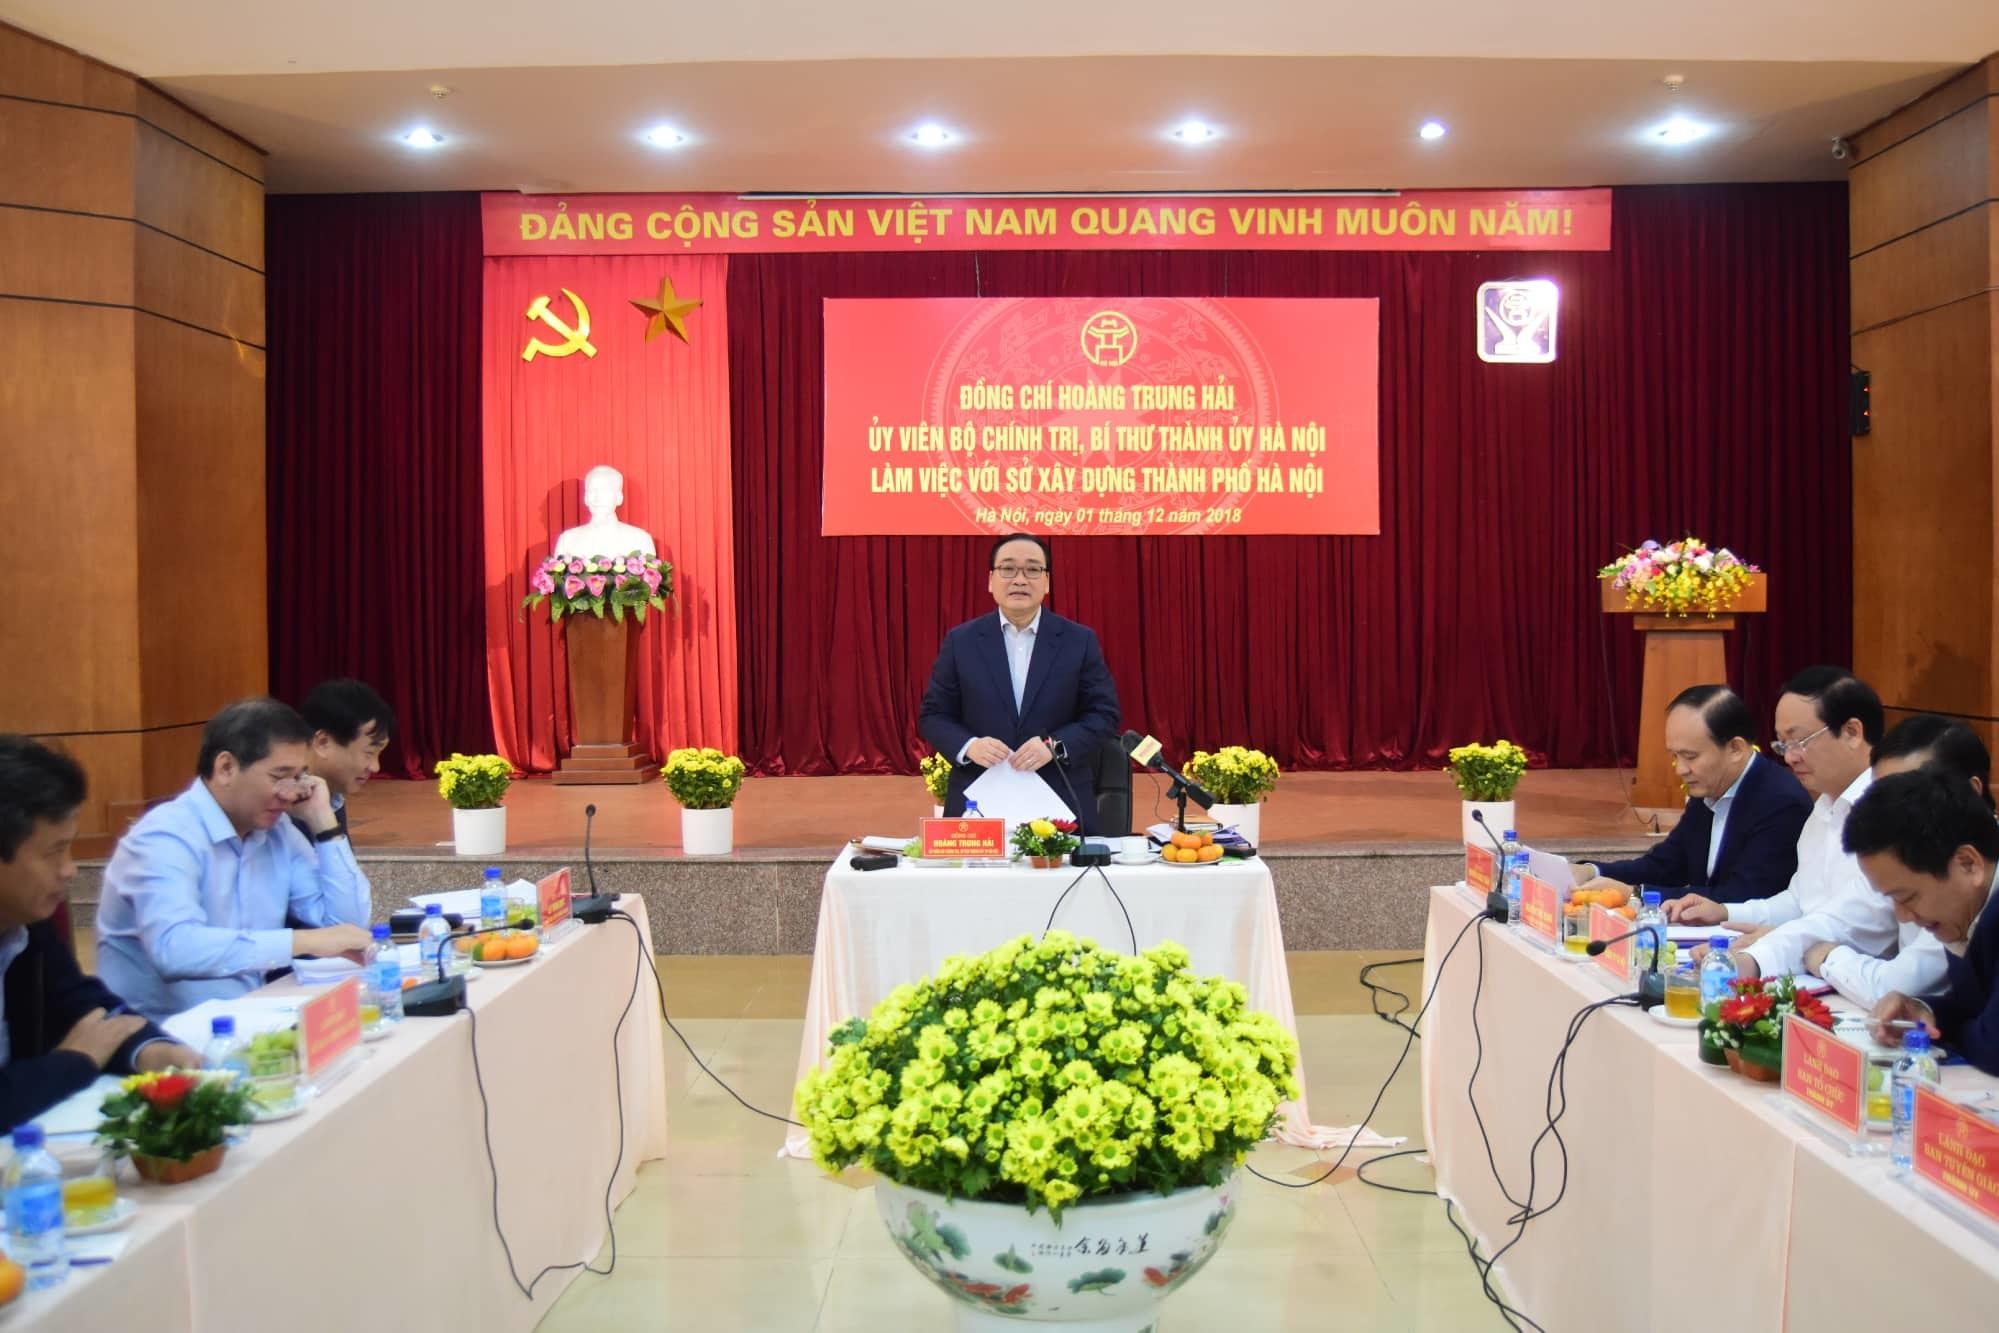 rừng phòng hộ,Sóc Sơn,Bí thư Hà Nội,Hoàng Trung Hải